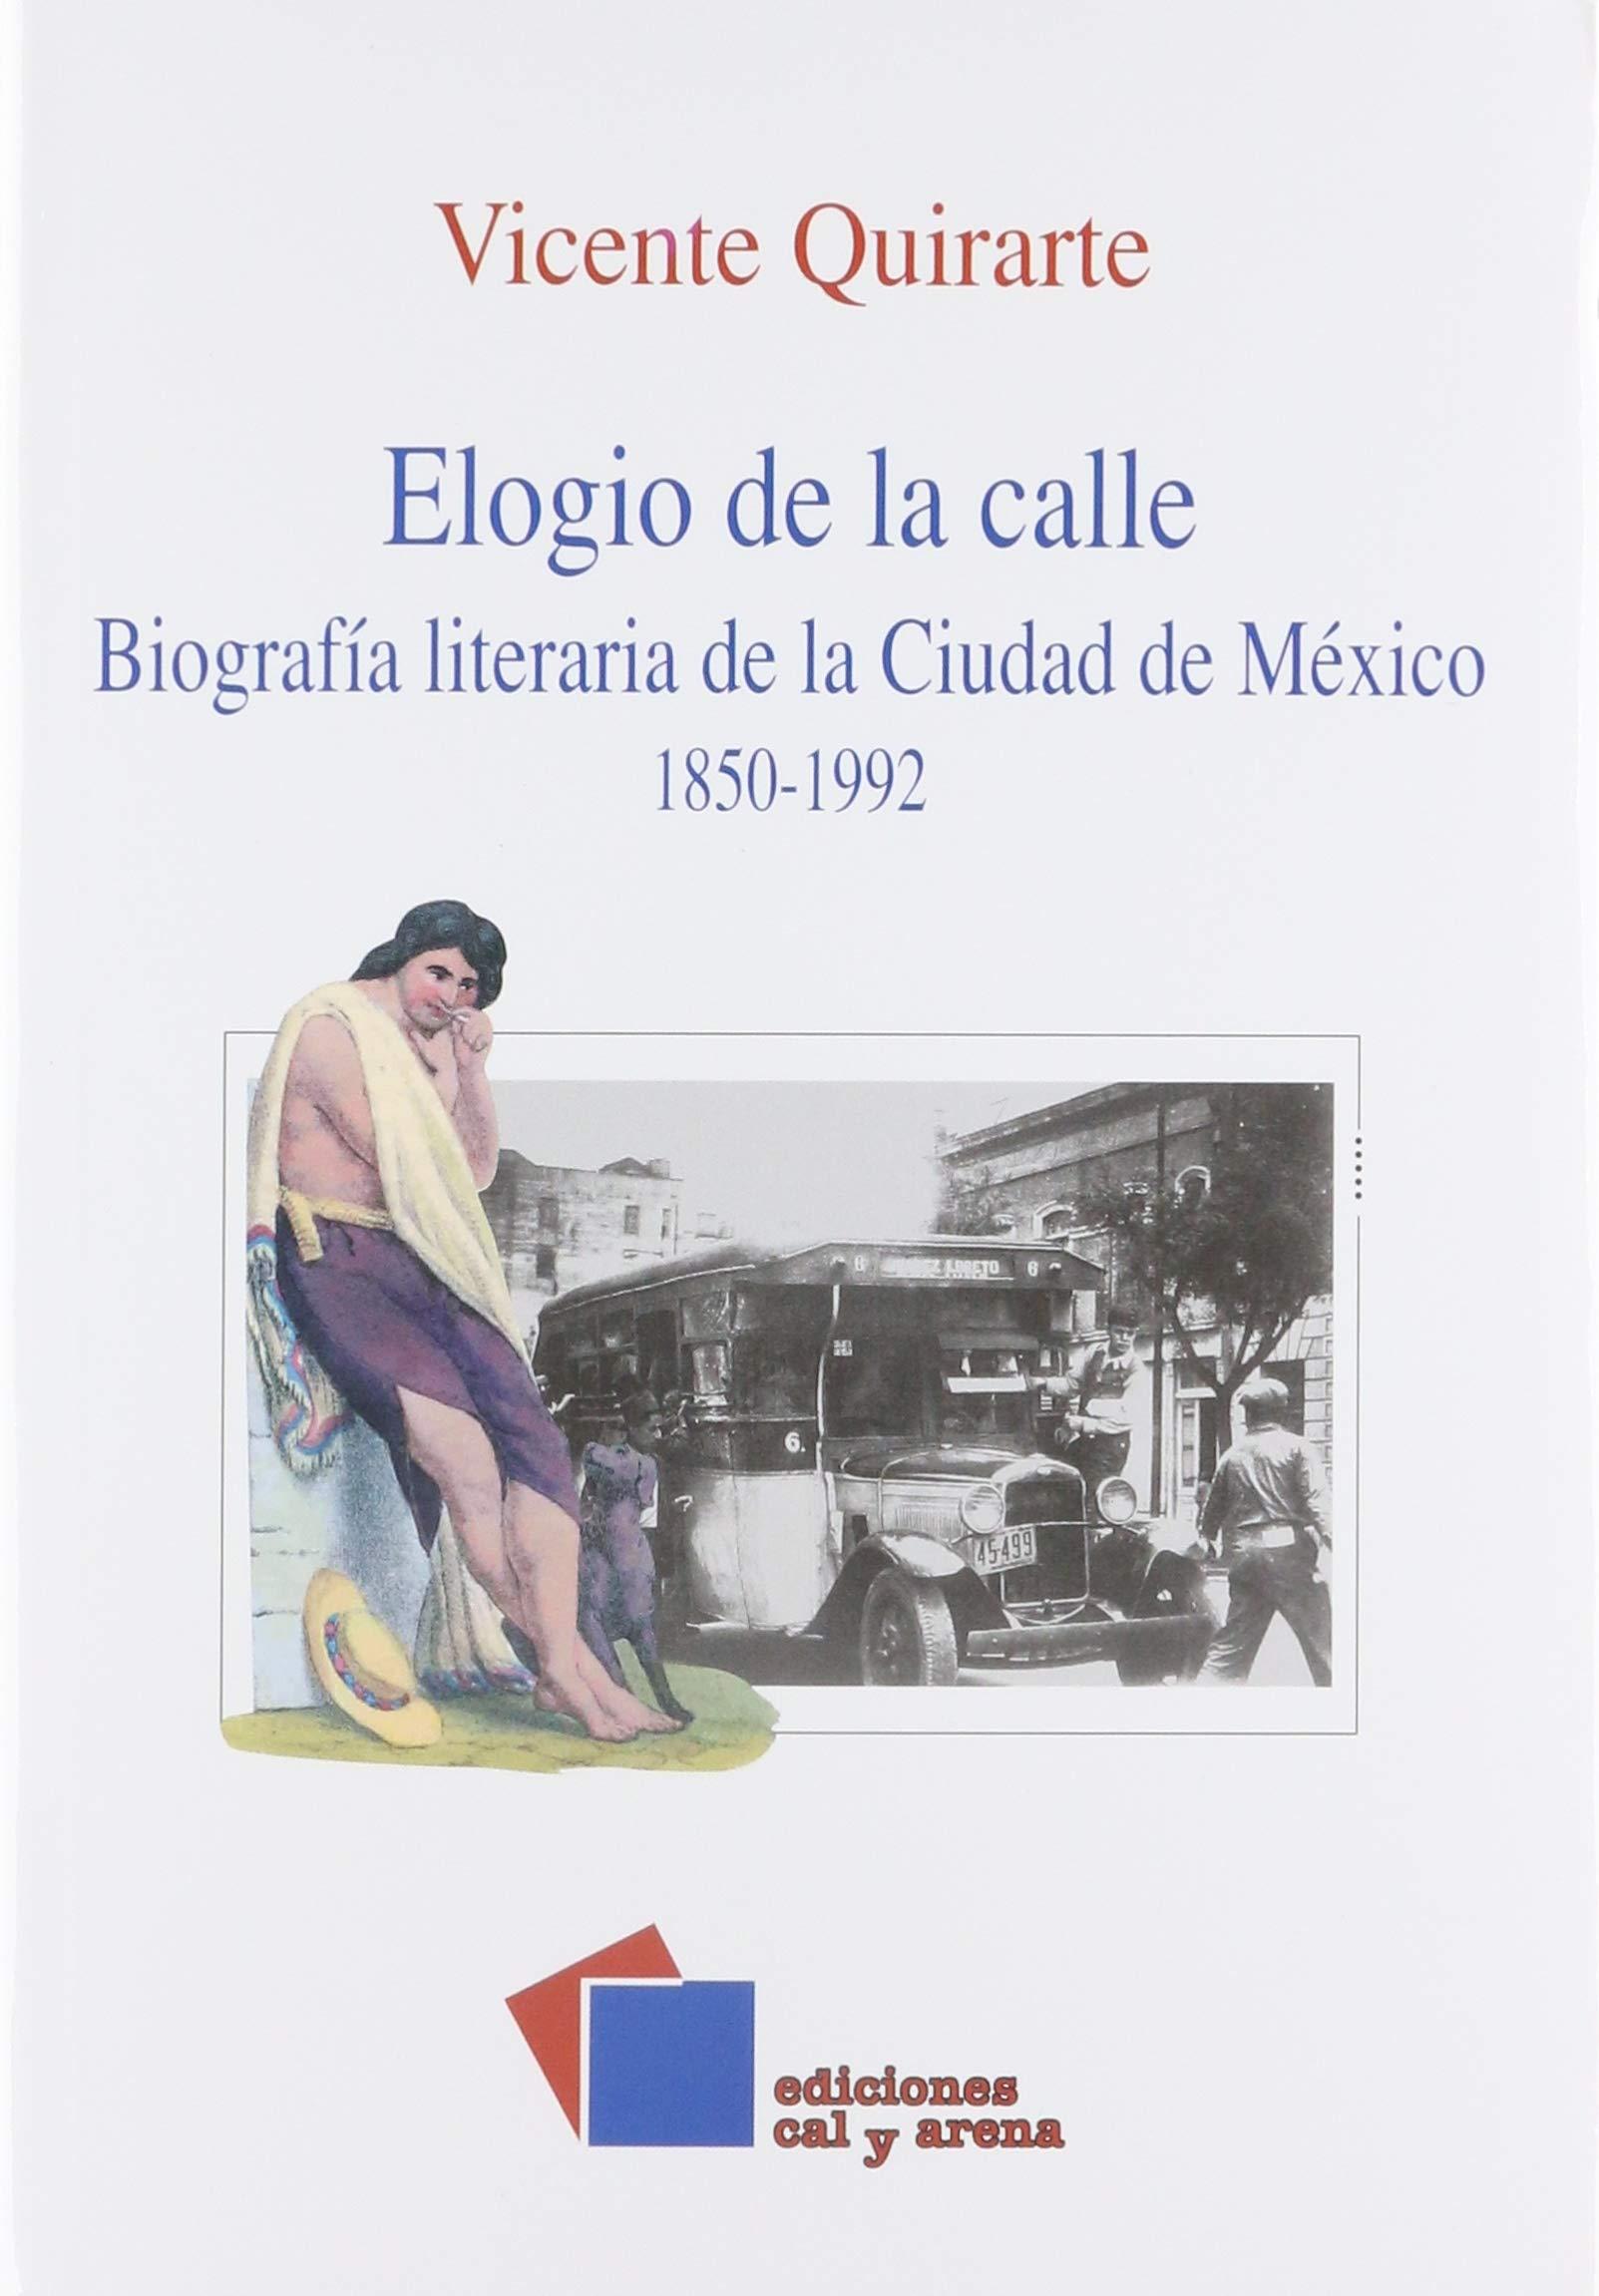 Elogio de la calle. biografía literaria de la ciudad de México, 1850-1992